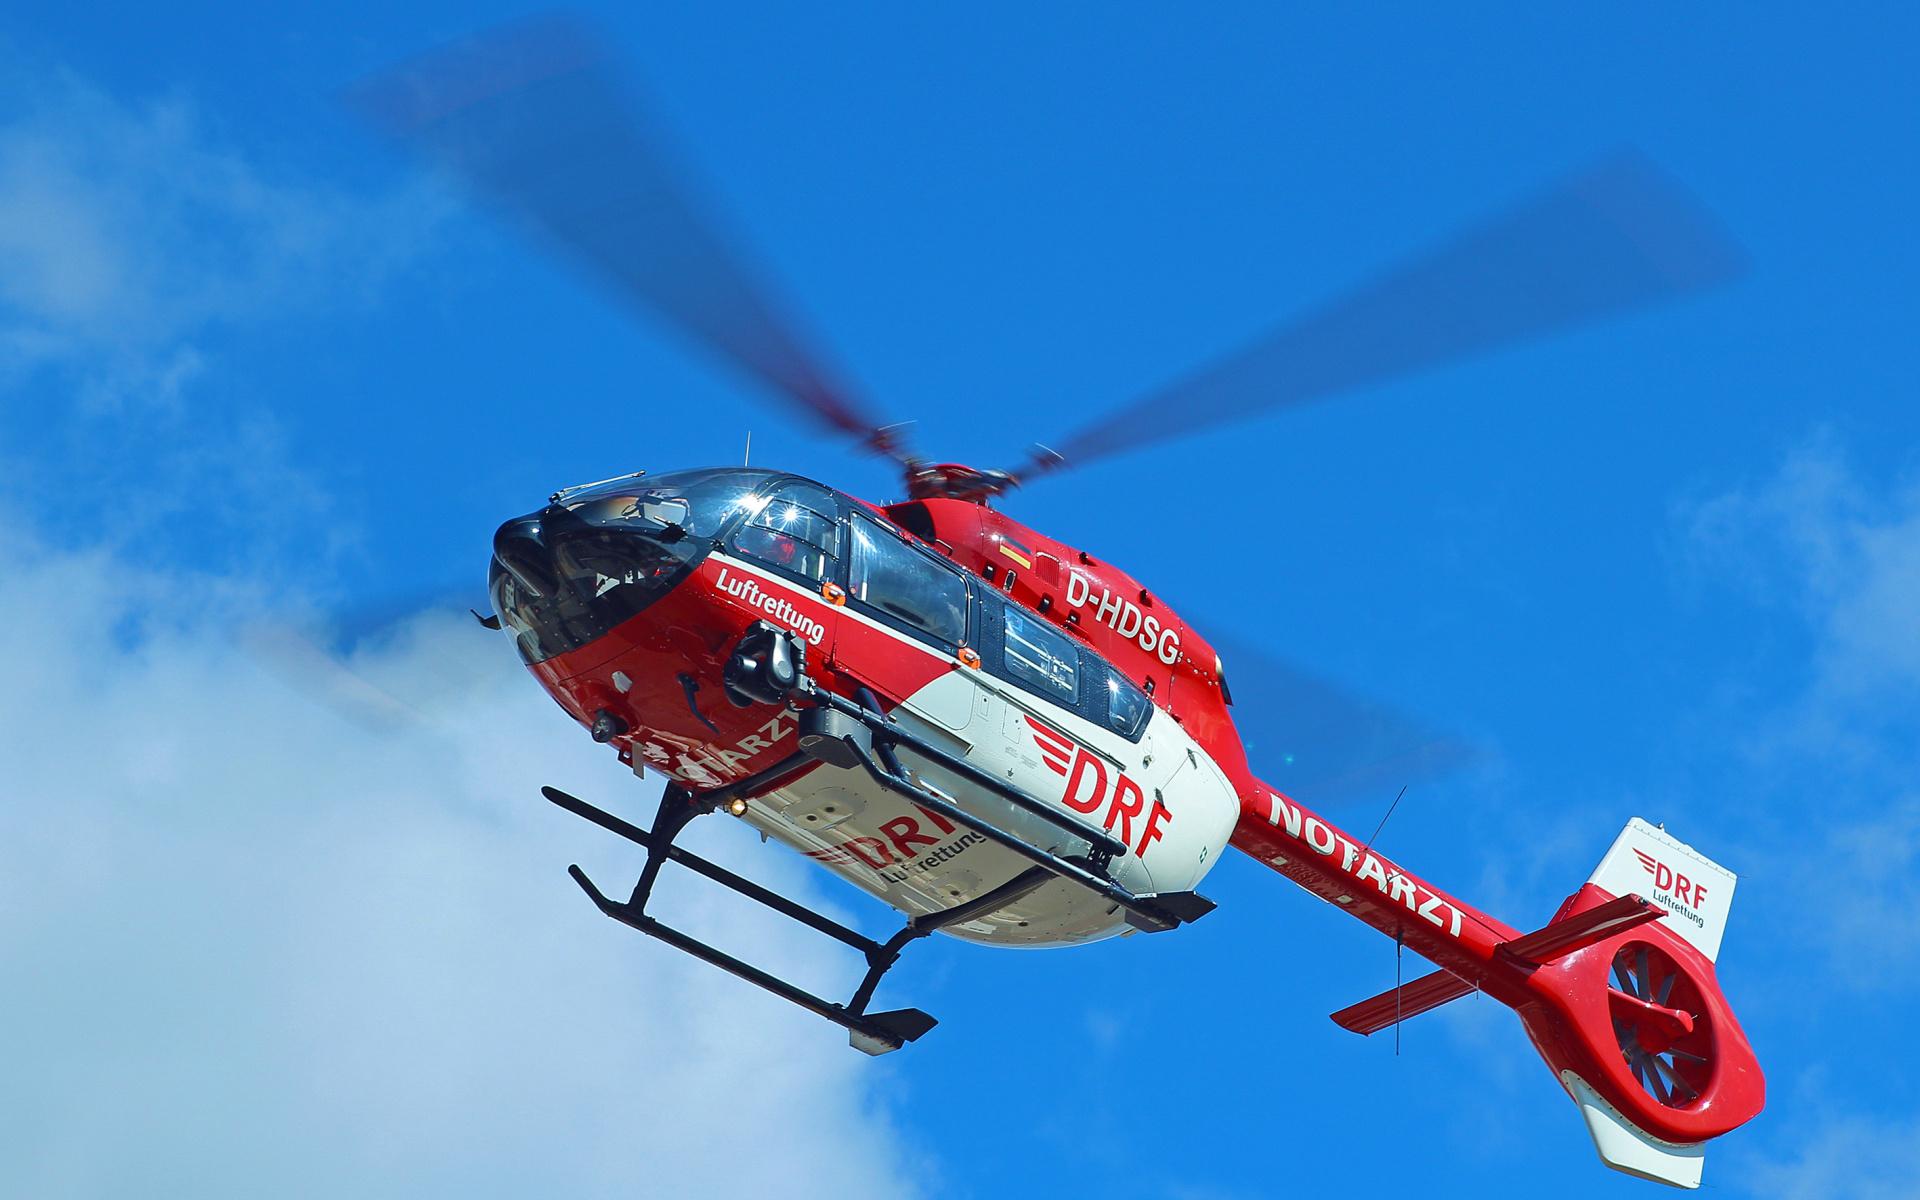 Schlaganfälle, Herzinfarkte oder schwersten Verletzungen: Im ersten Halbjahr 2019 wurde die DRF Luftrettung über 3.000-mal zu zeitkritischen Notfällen alarmiert.